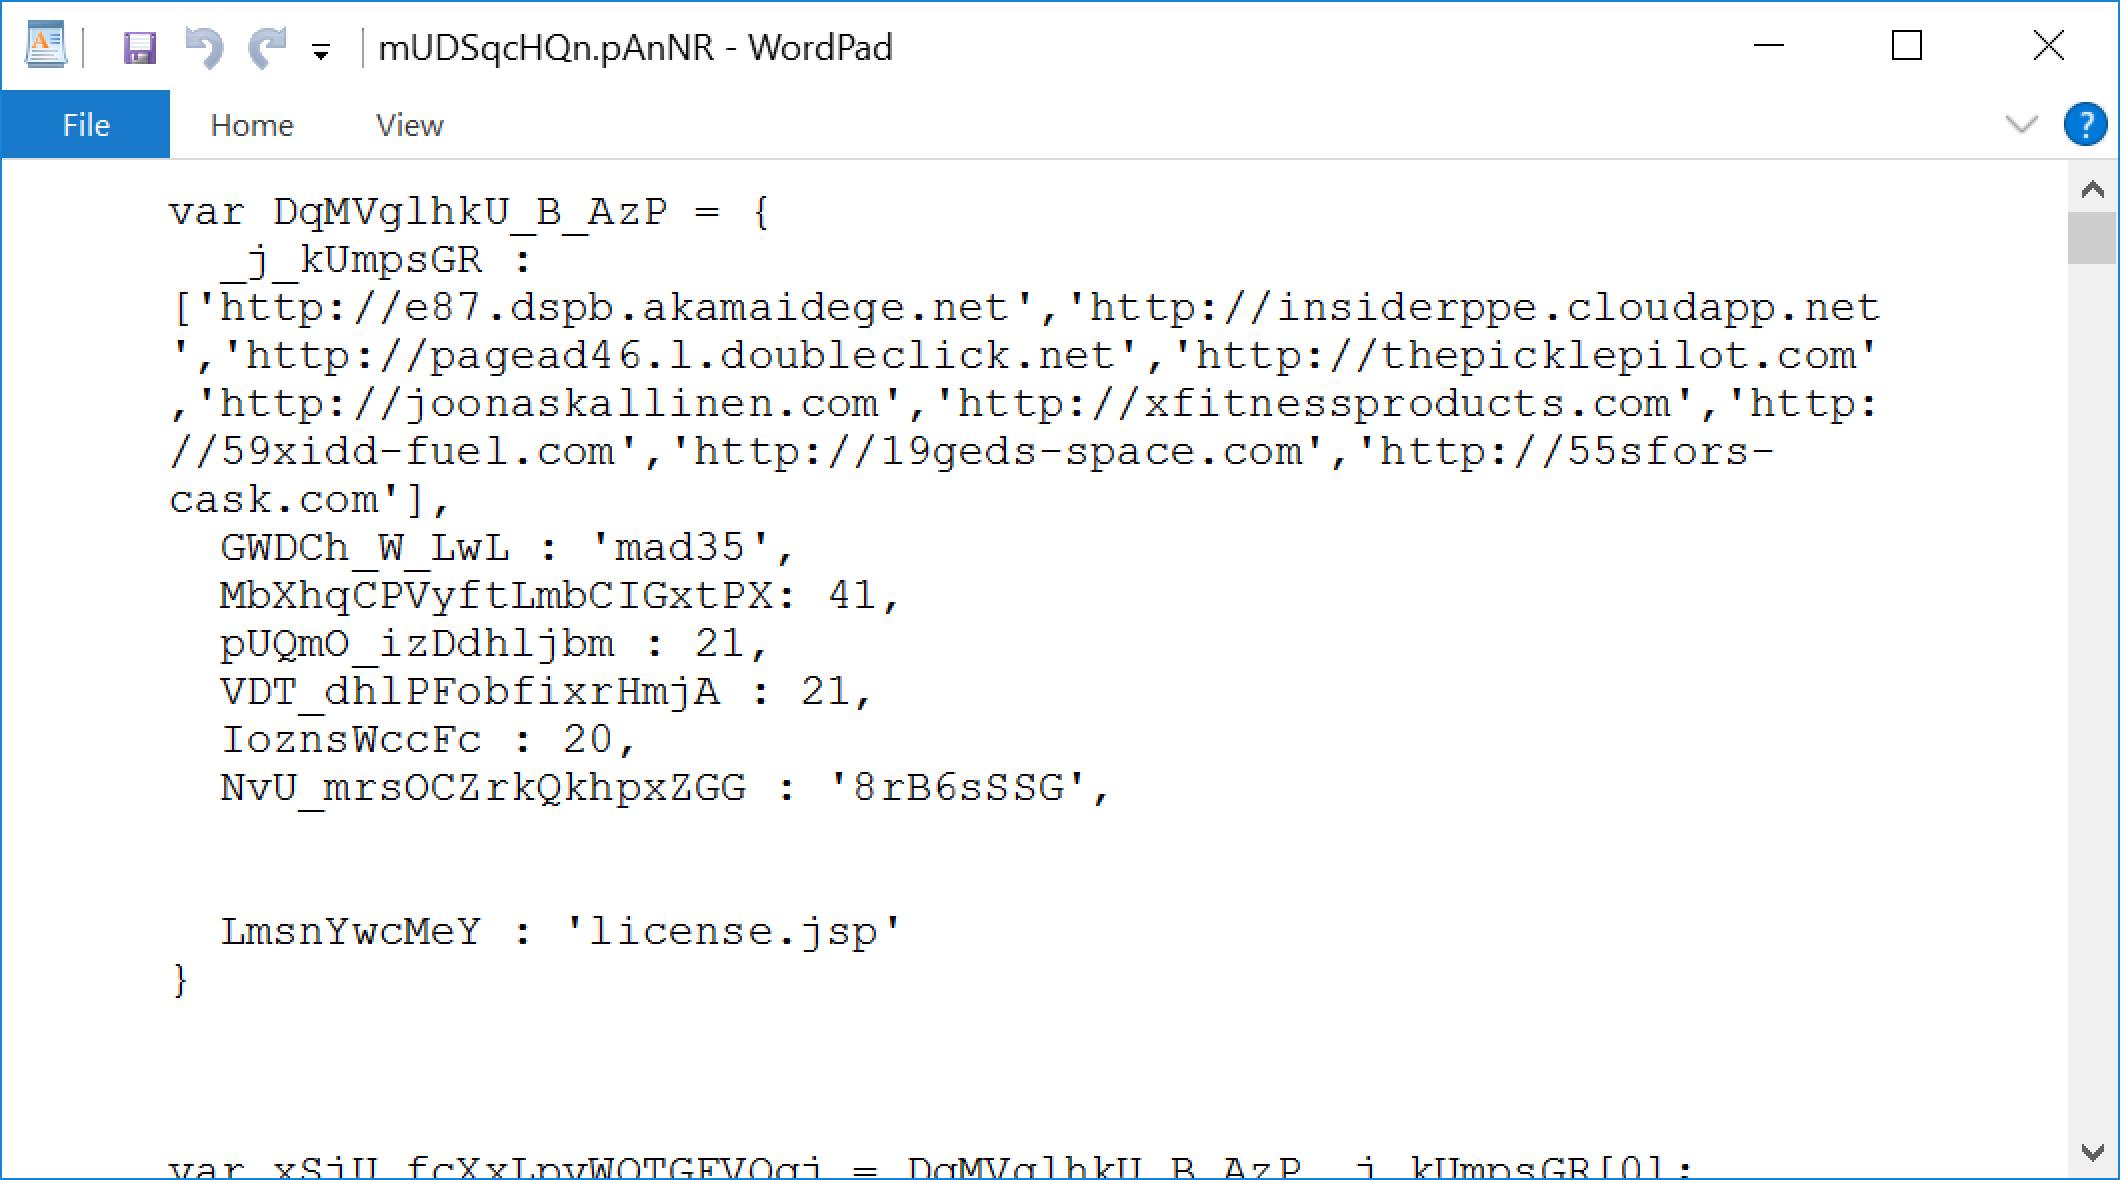 スクリーンショットは、JavaScript設定ファイルで、Valakにより変数名がどのように難読化されているかを示しています。これは、2020年6月以降確認されている難読化の例です。